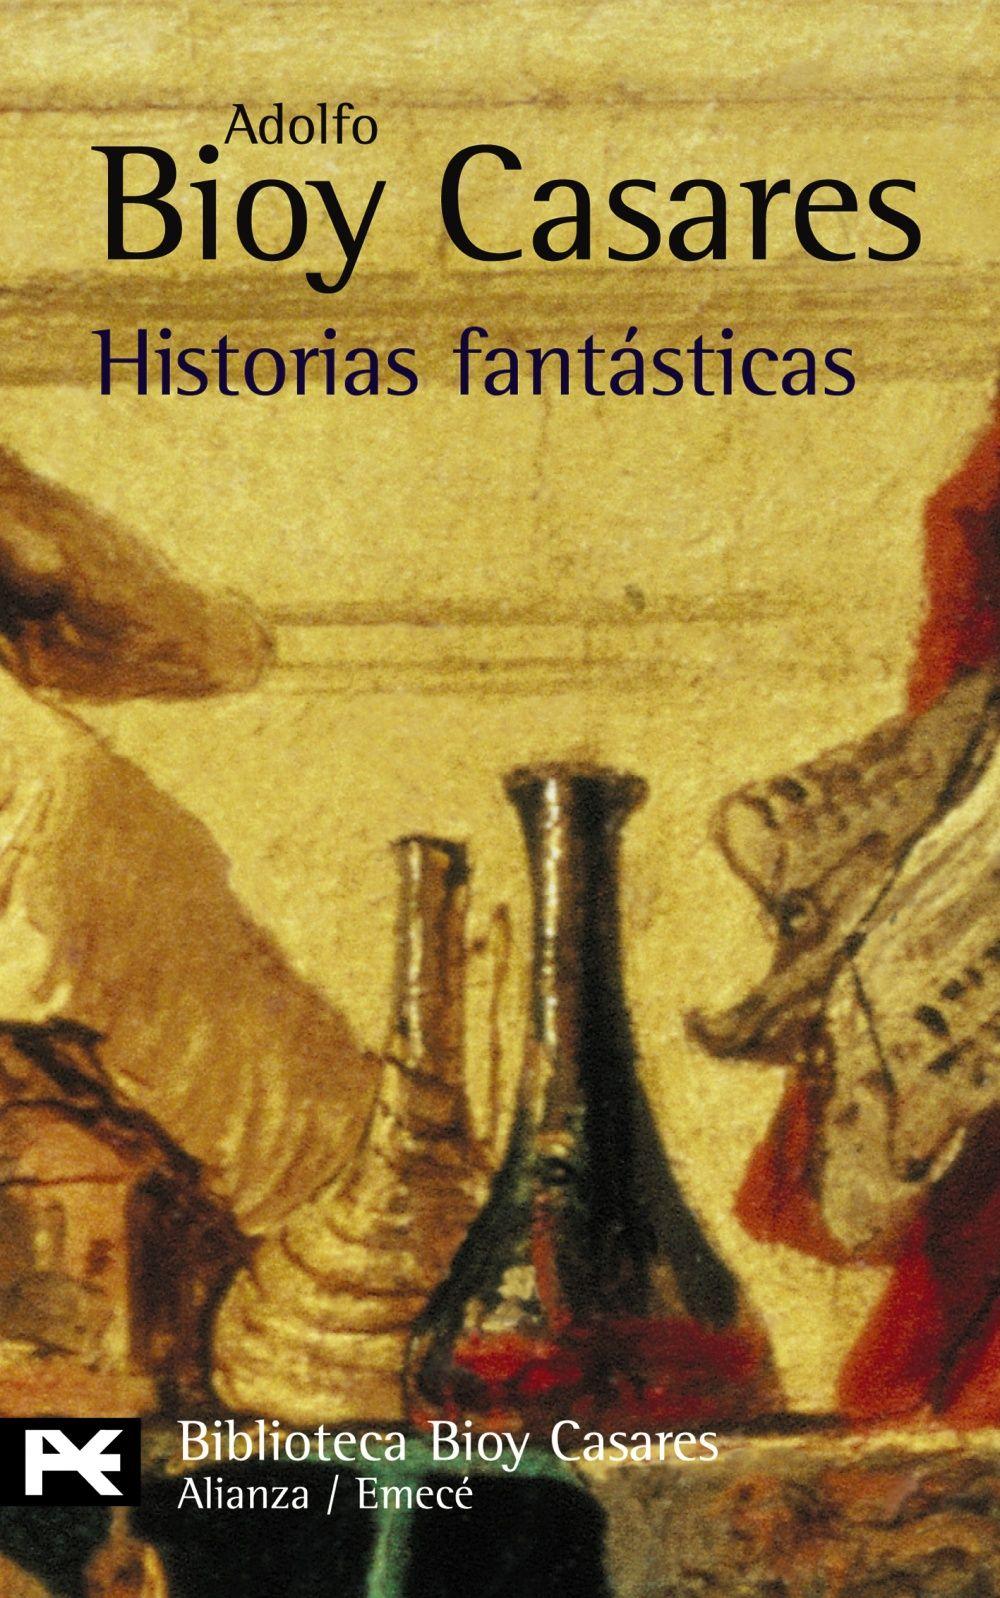 Adolfo Bioy Casares Historias Fantásticas Ciencia Ficcion Libros Adolfo Bioy Casares Biblioteca